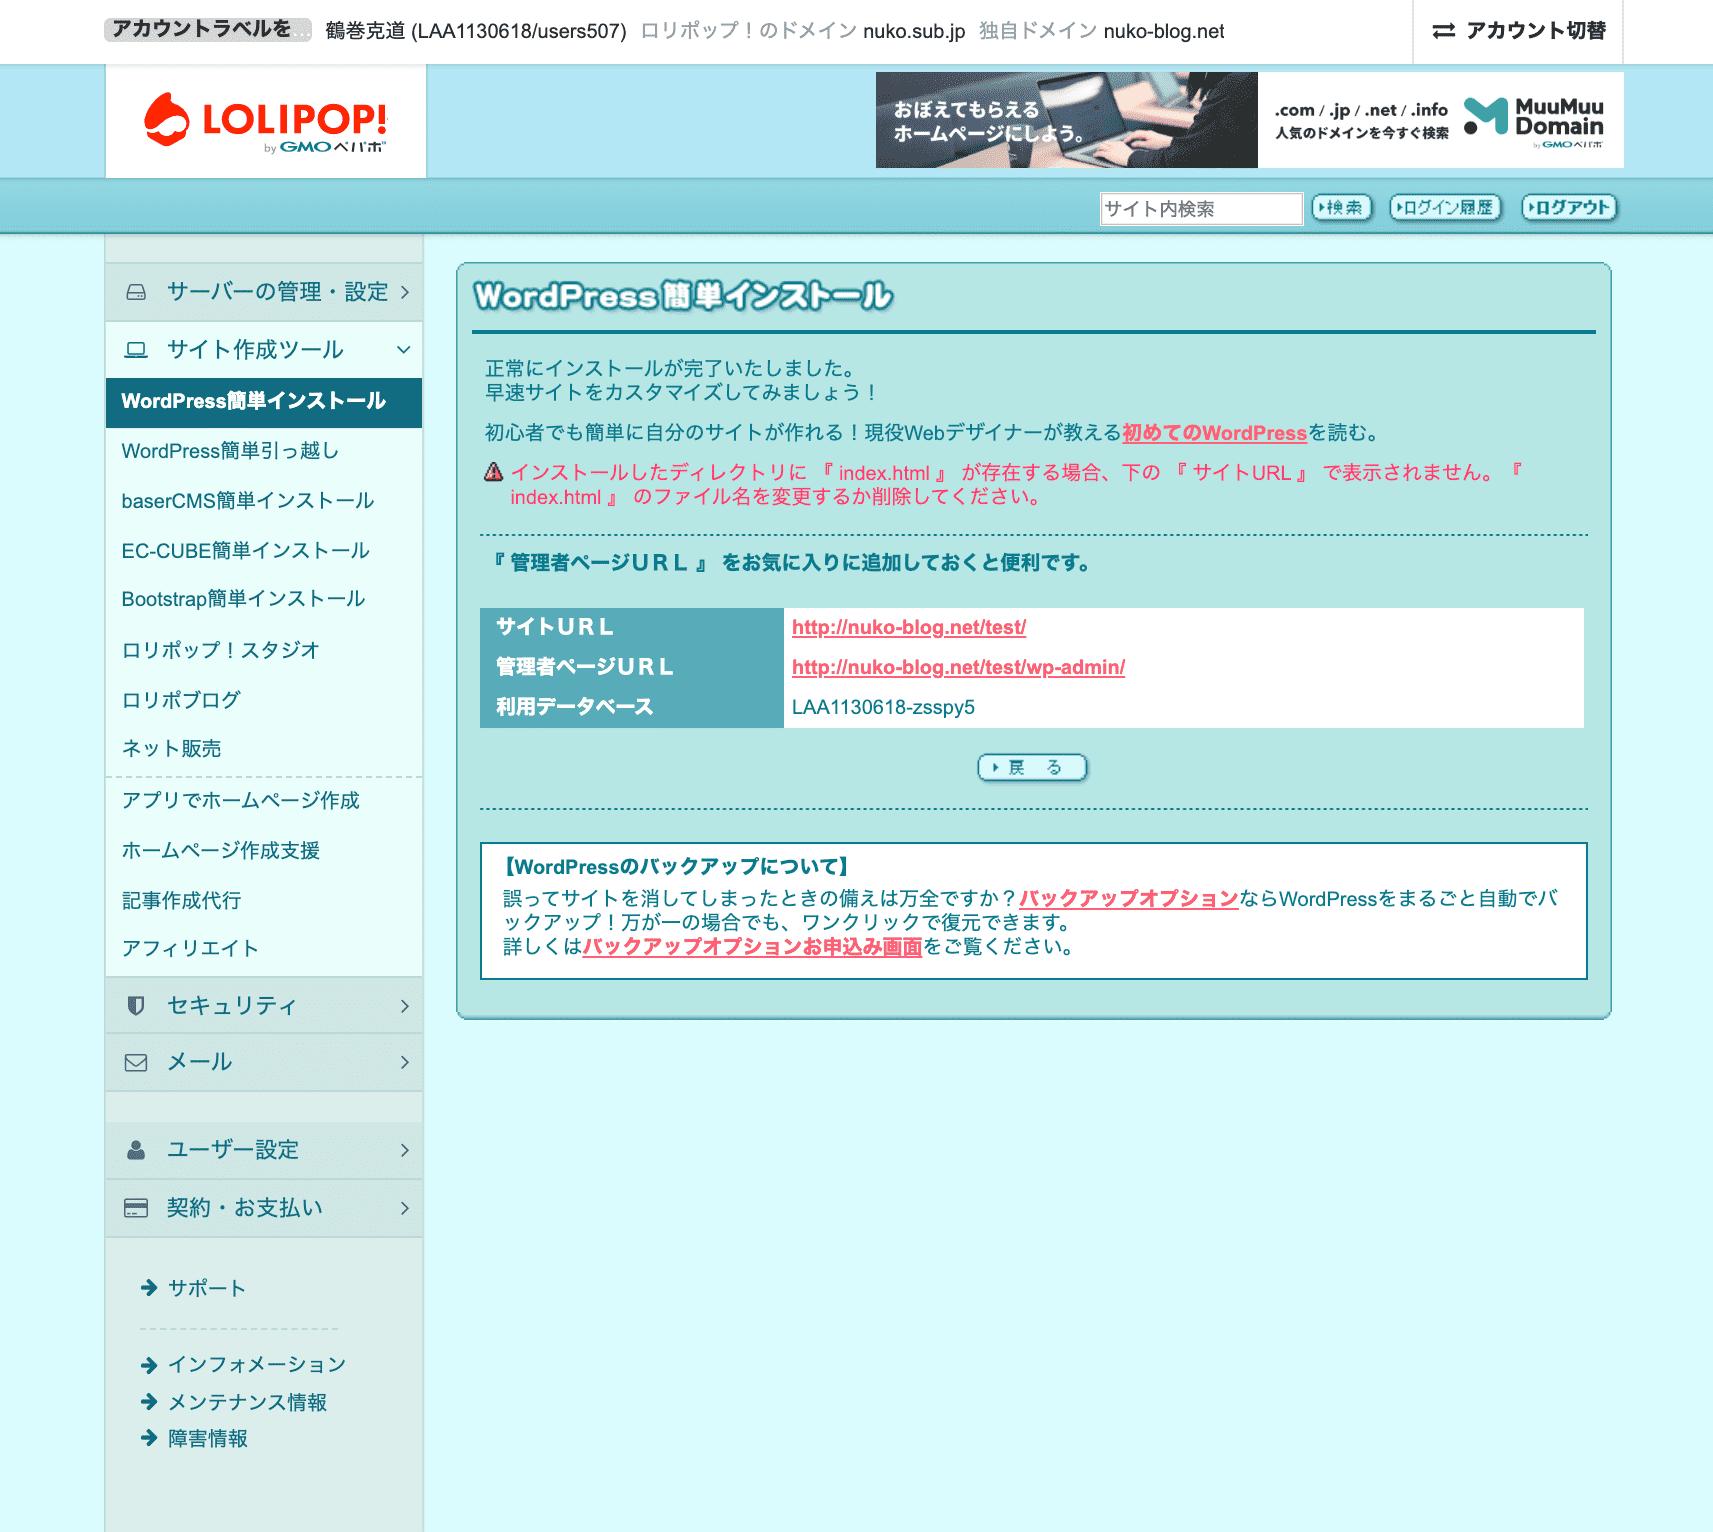 ロリポップ!ユーザー専用ページ - WordPress簡単インストール